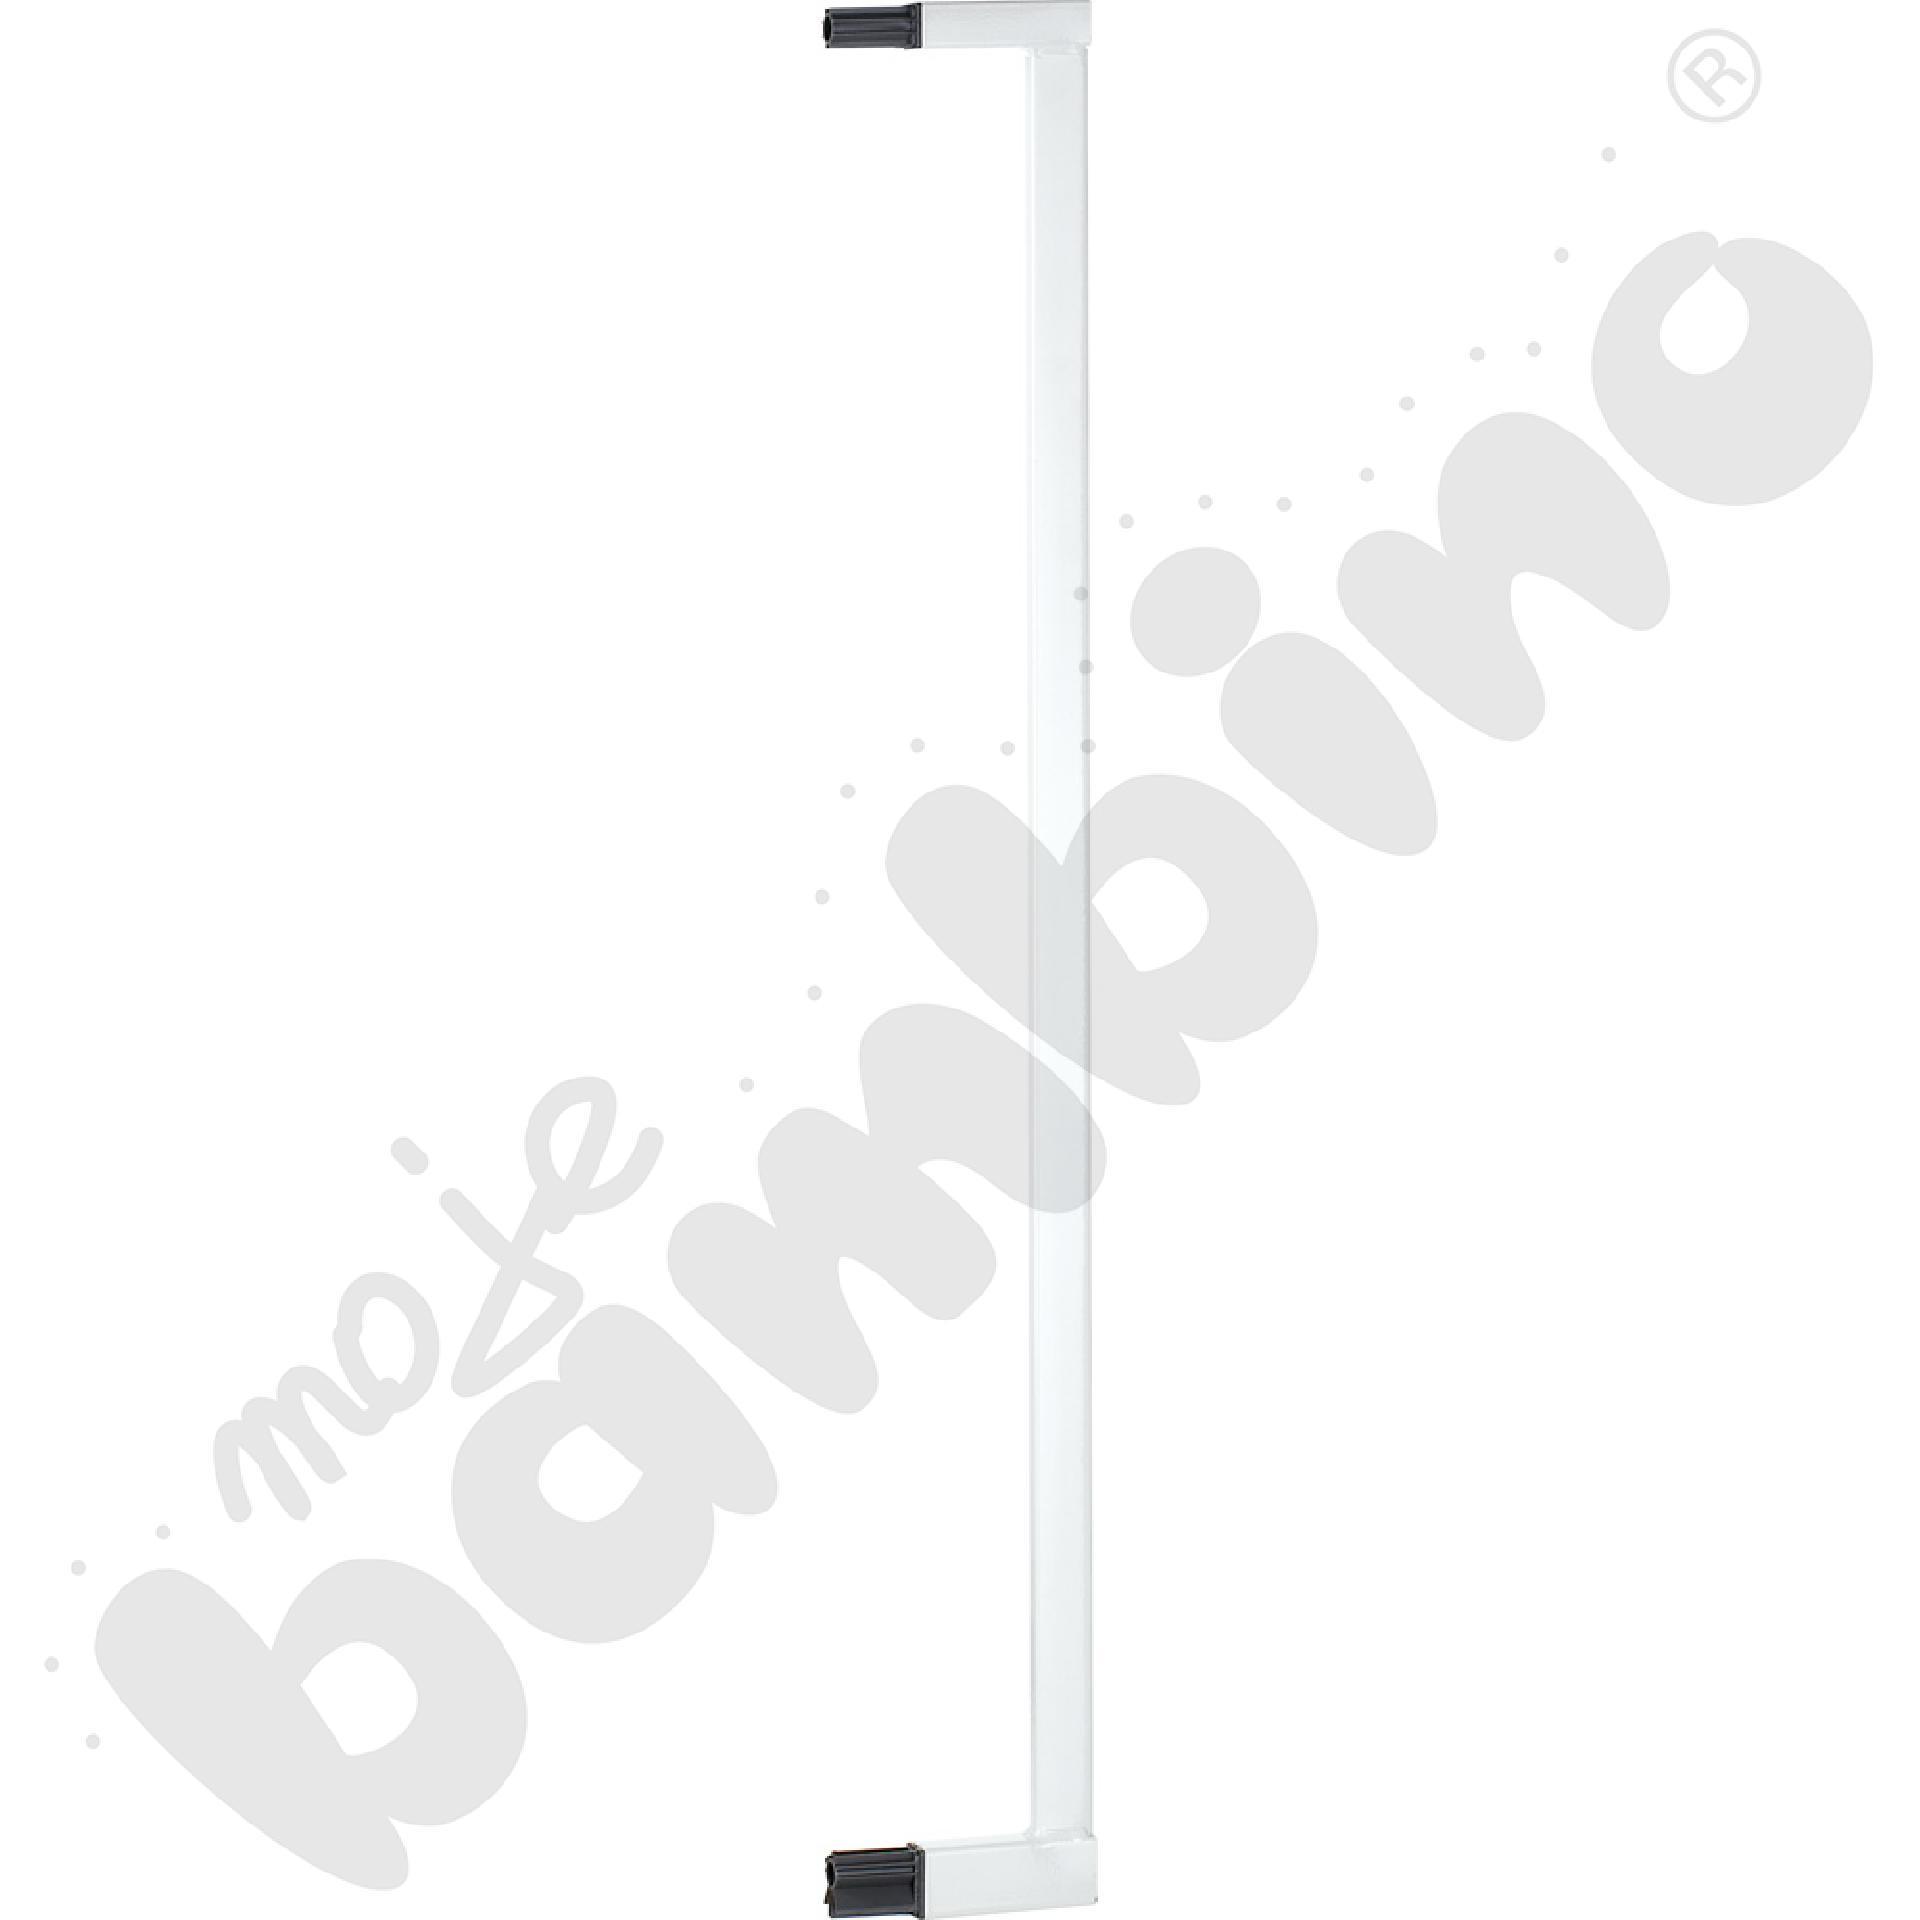 Przedłużka do  bramki, szer. 8 cm, biała